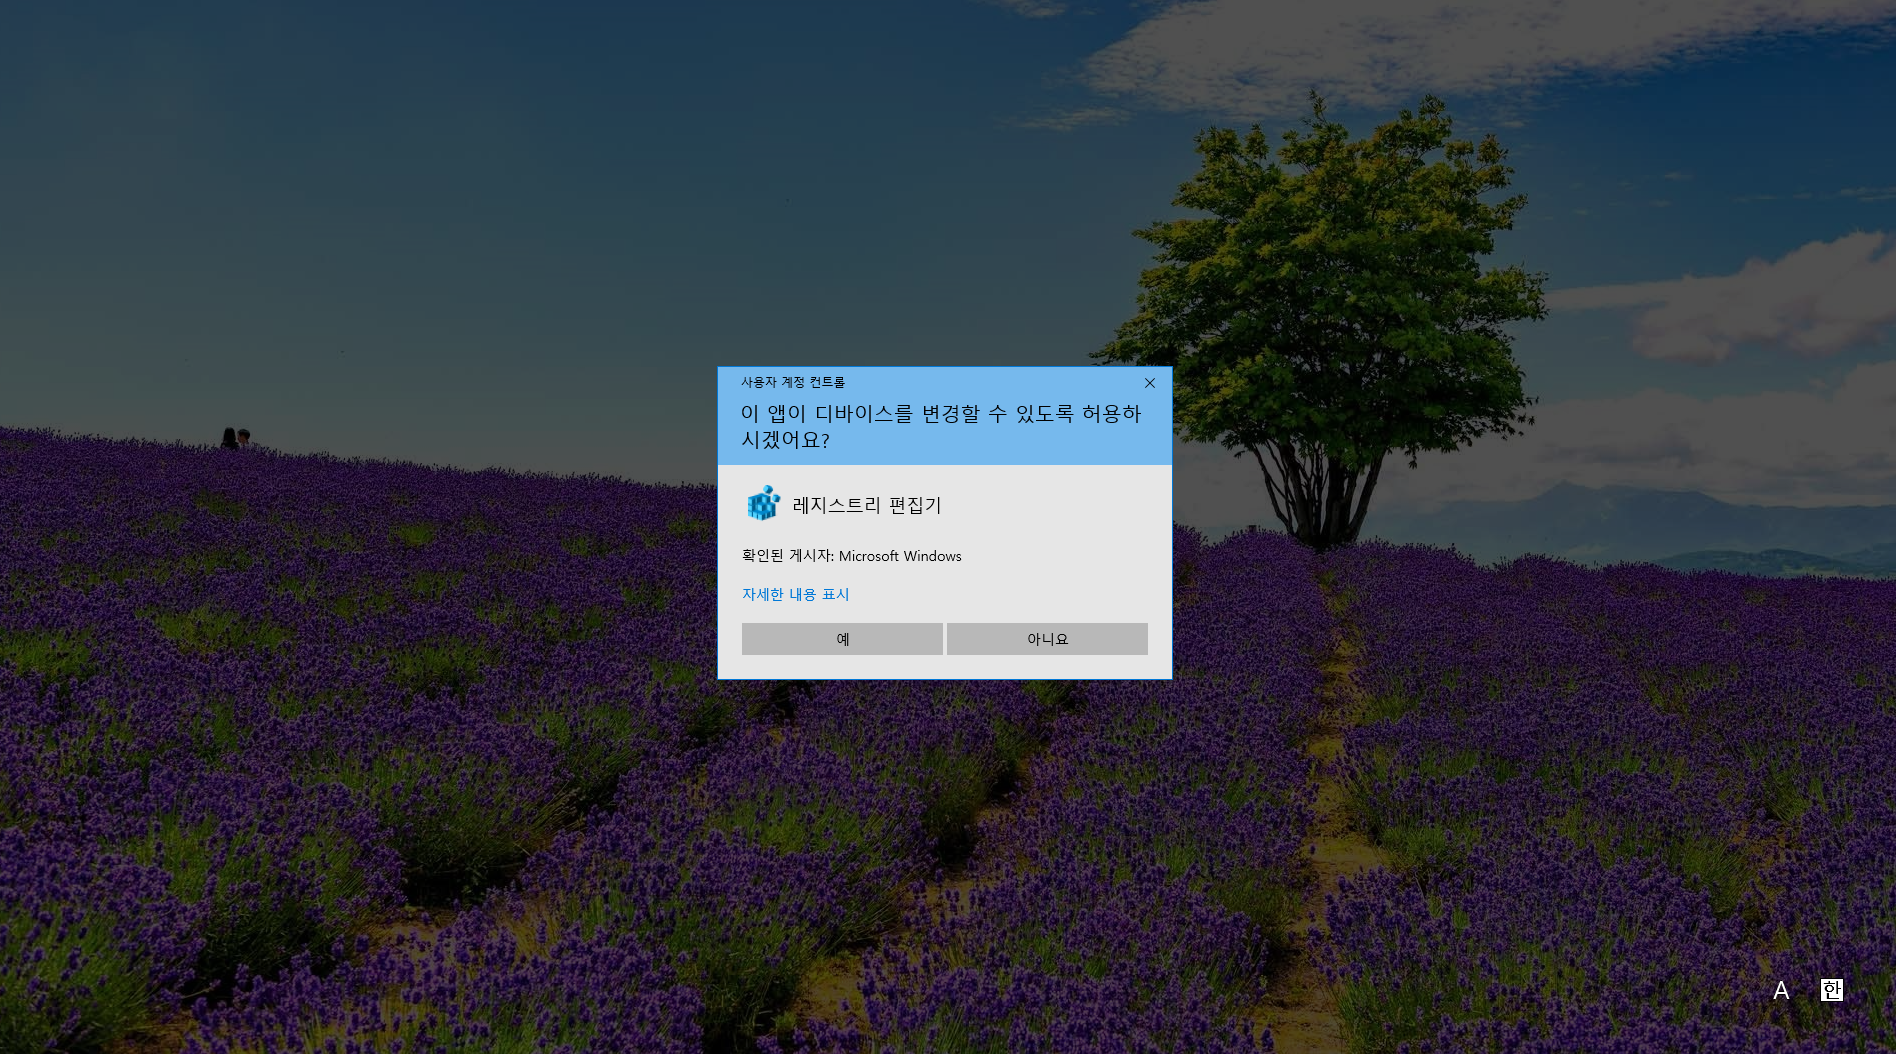 윈도우10 레지스트리 편집